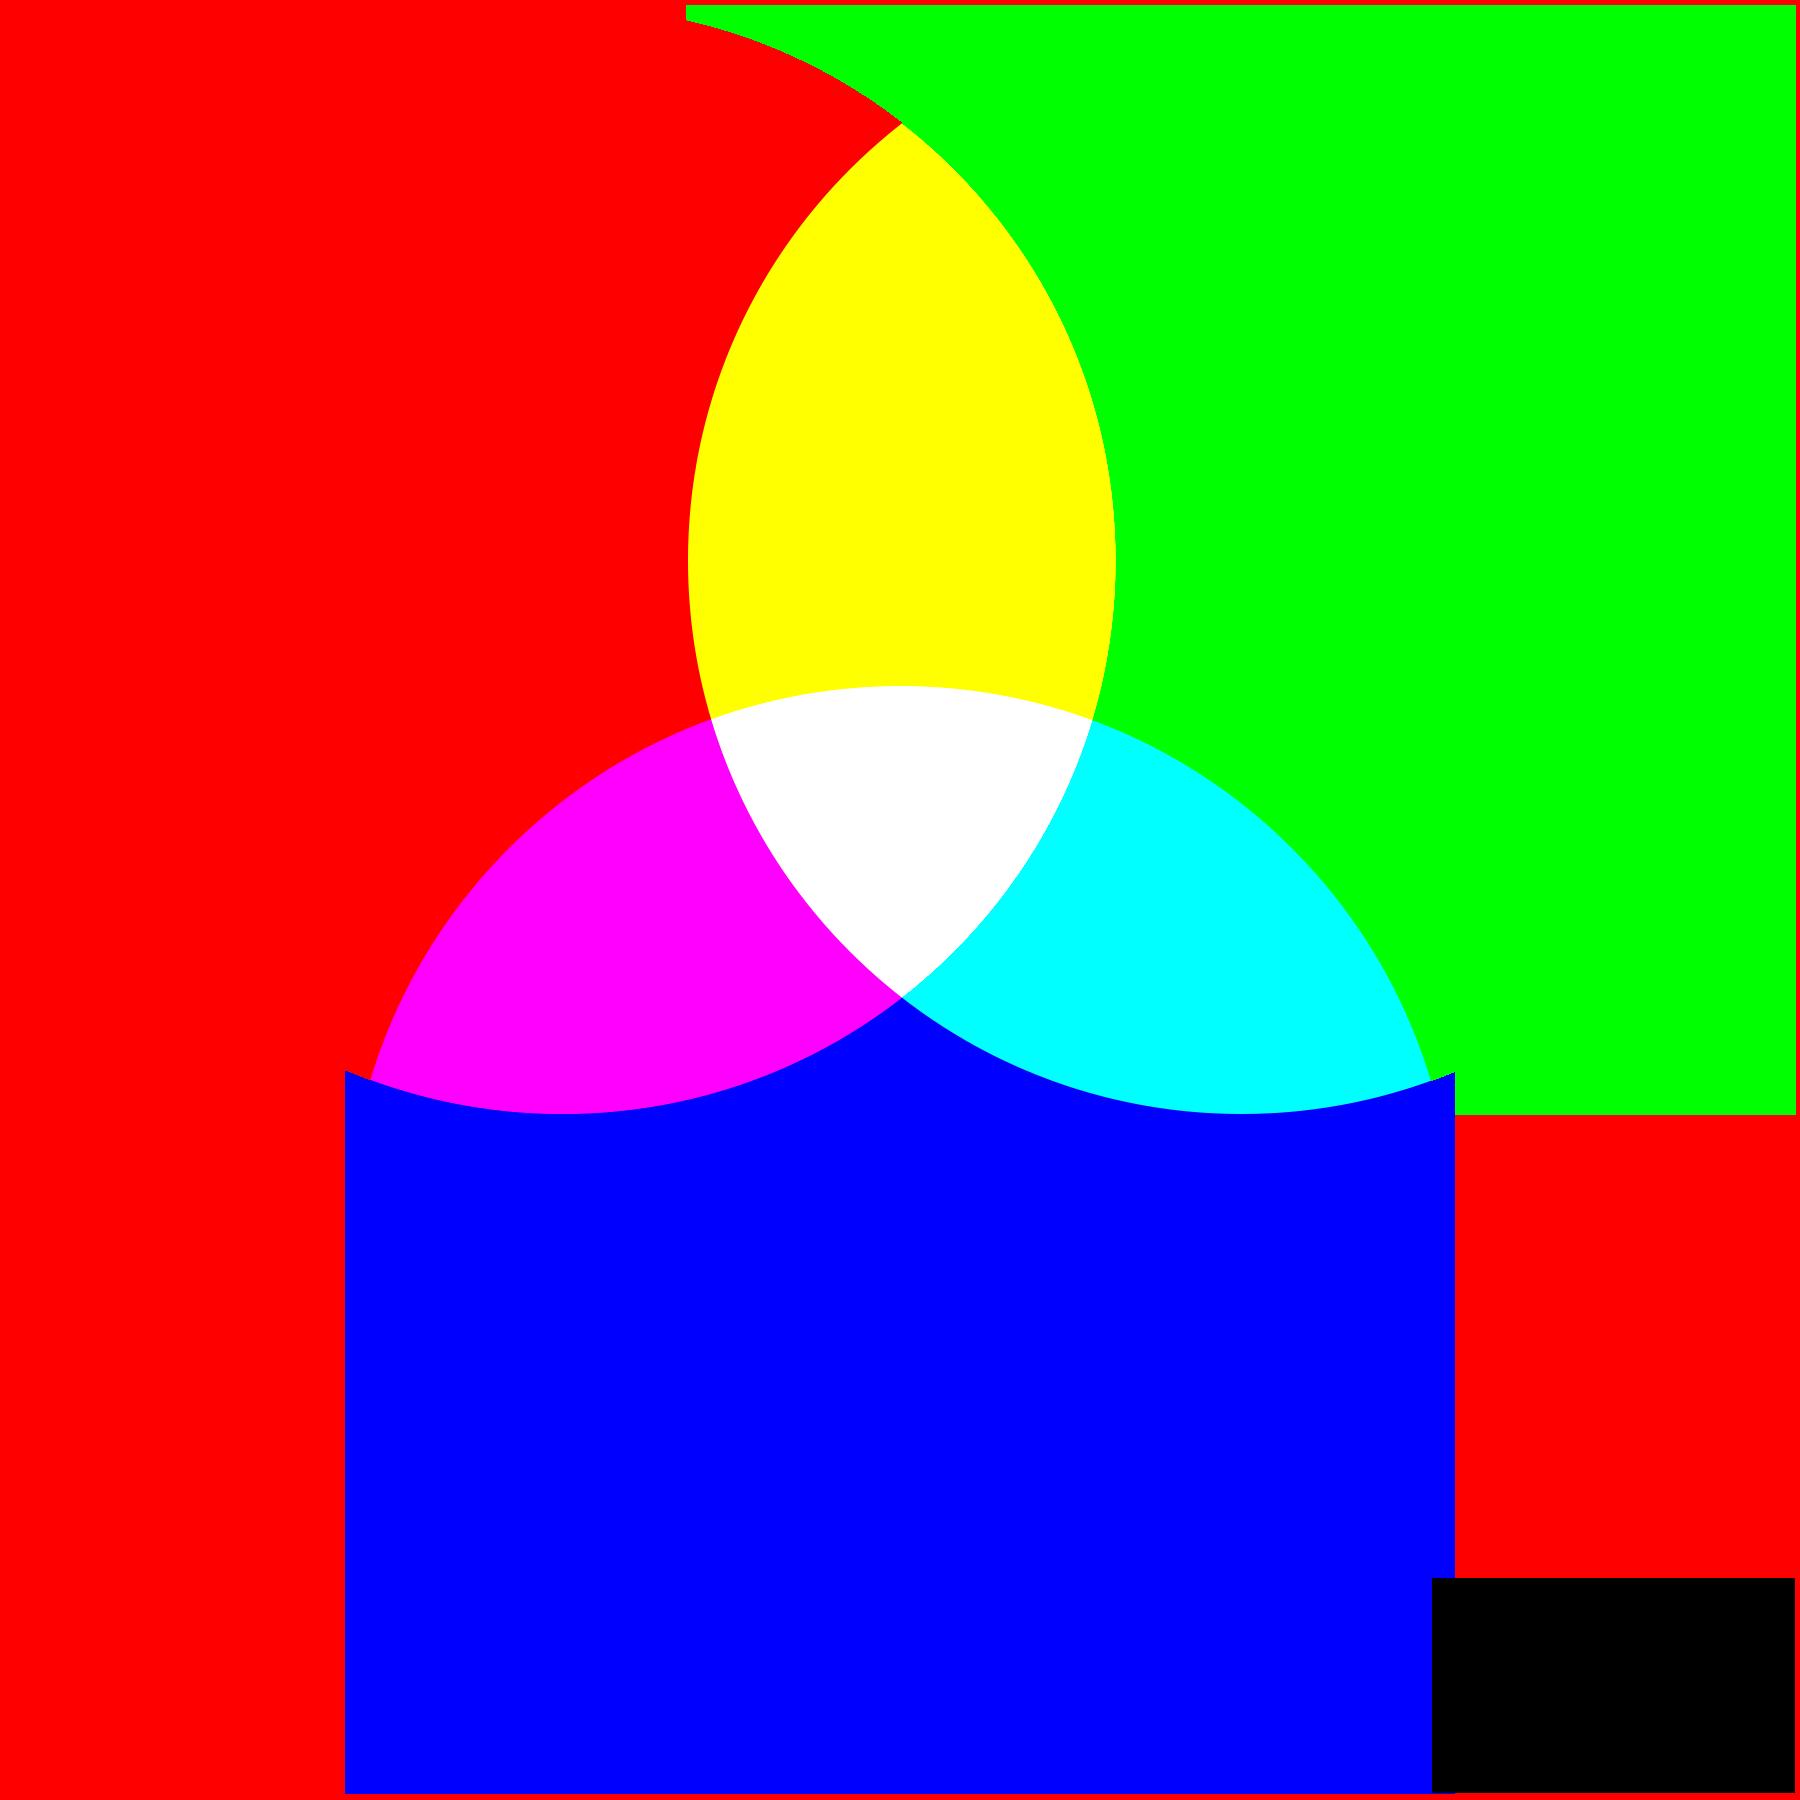 RGB Farbmodel Webdesign Farbe